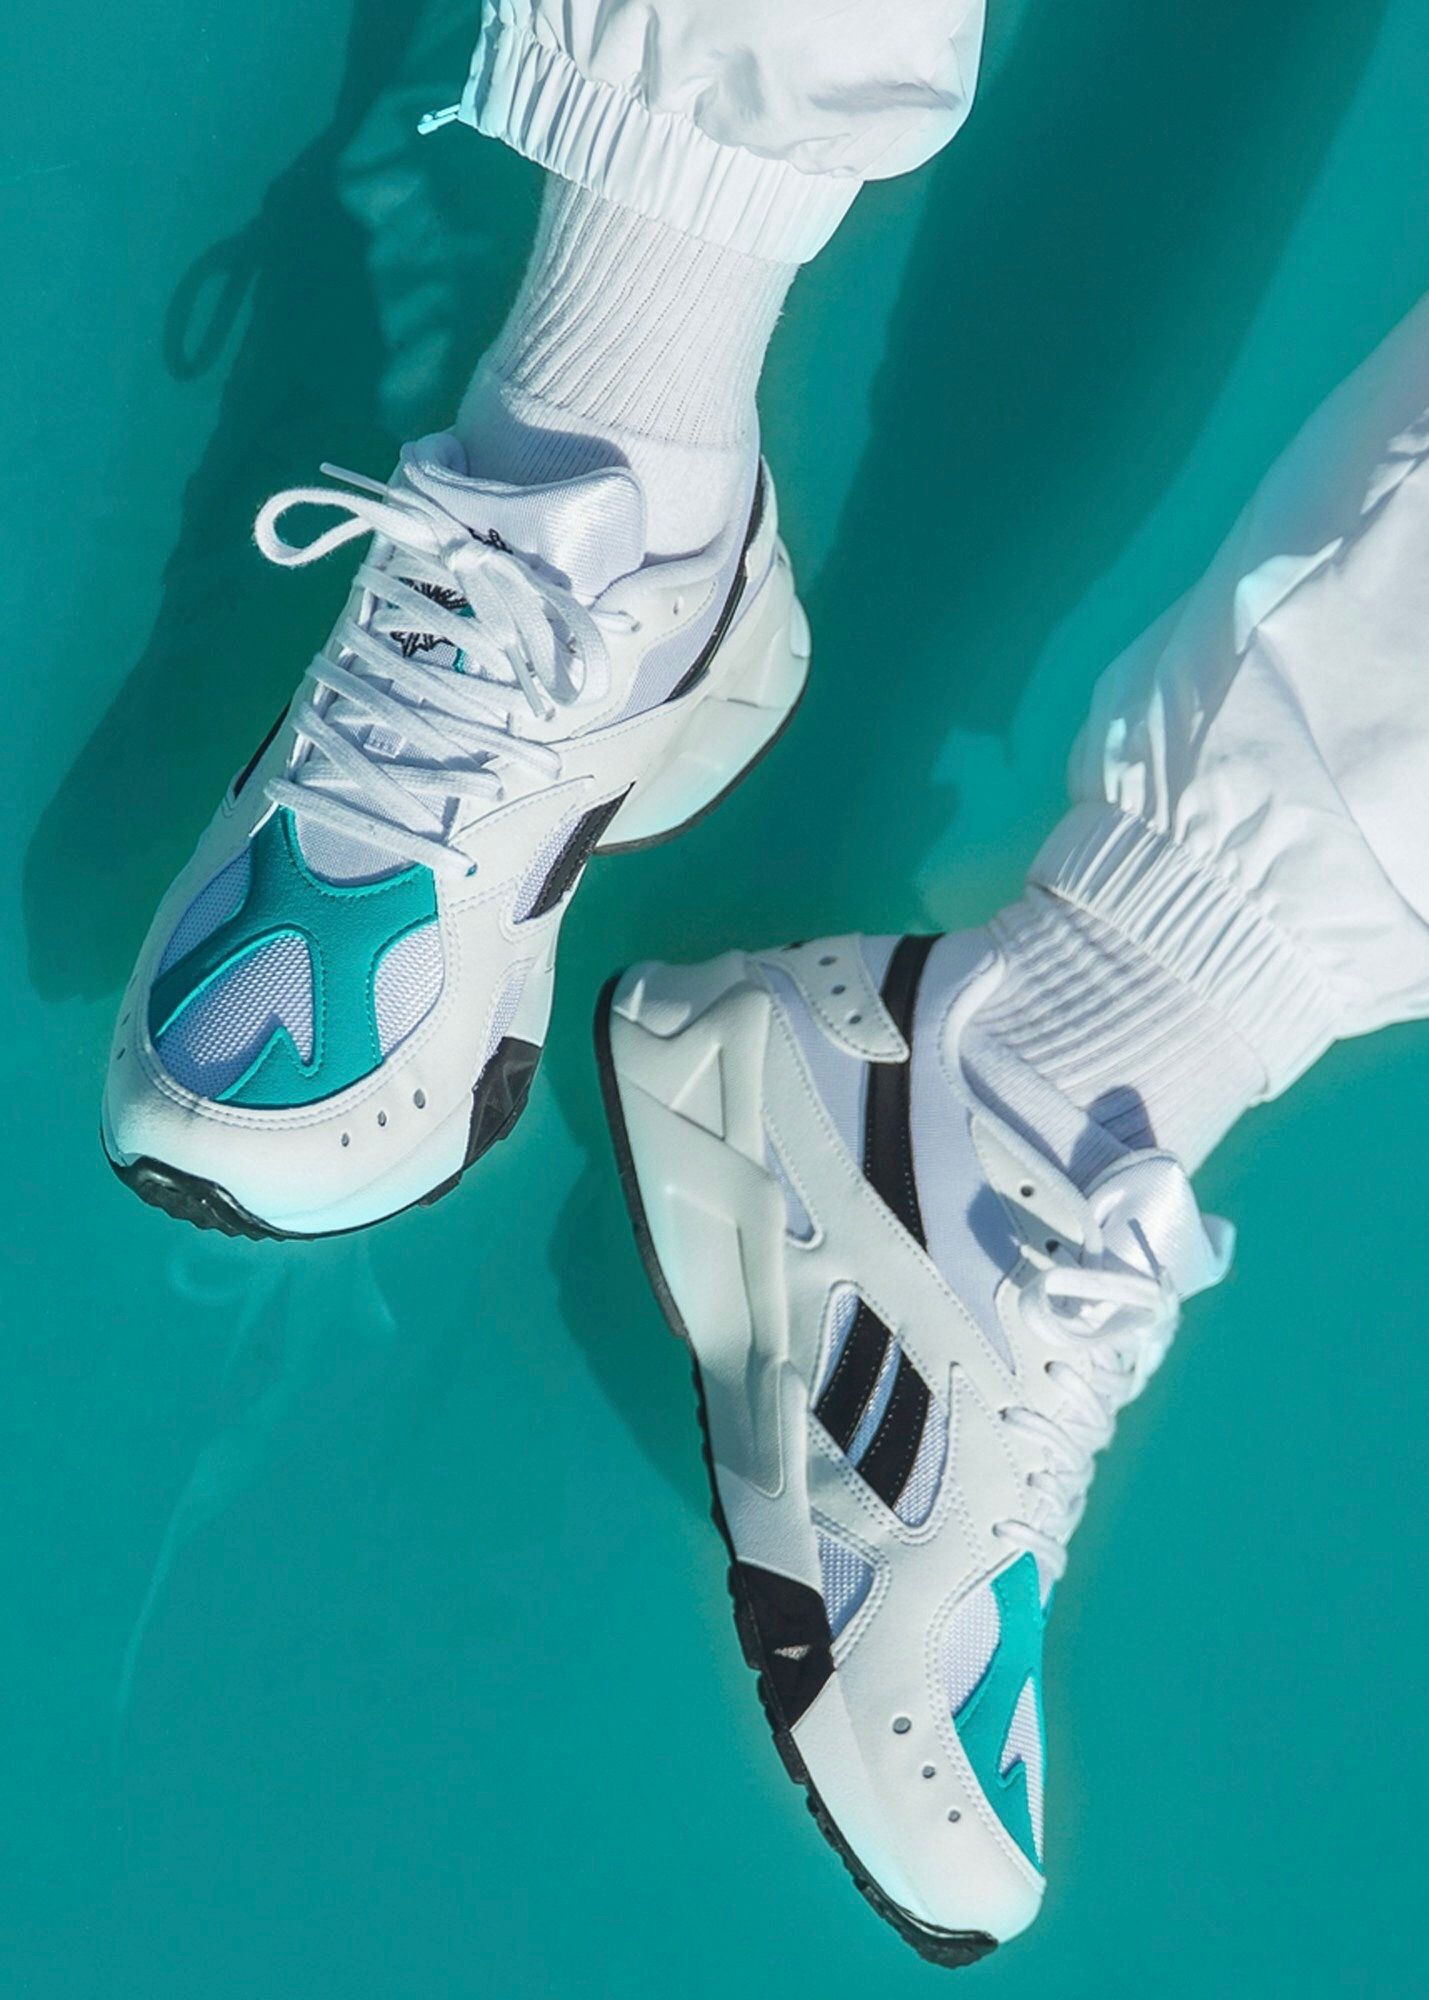 025e441d Reebok Aztrek Zapatos Coreanos, Calzado, Tenis, Zapatillas, Aspecto De  Calle, Nike